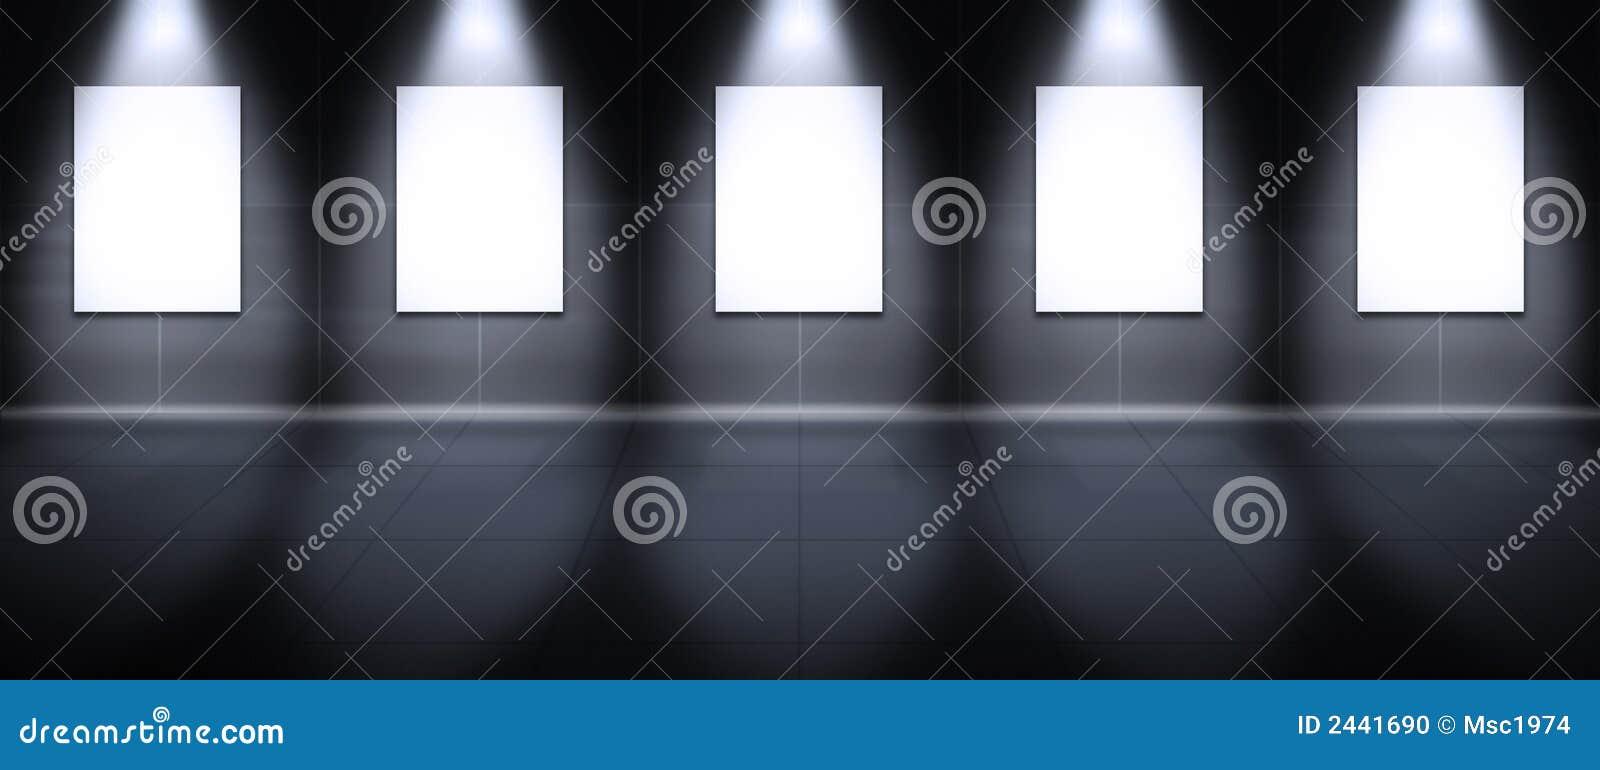 Galeria virtual - retrato